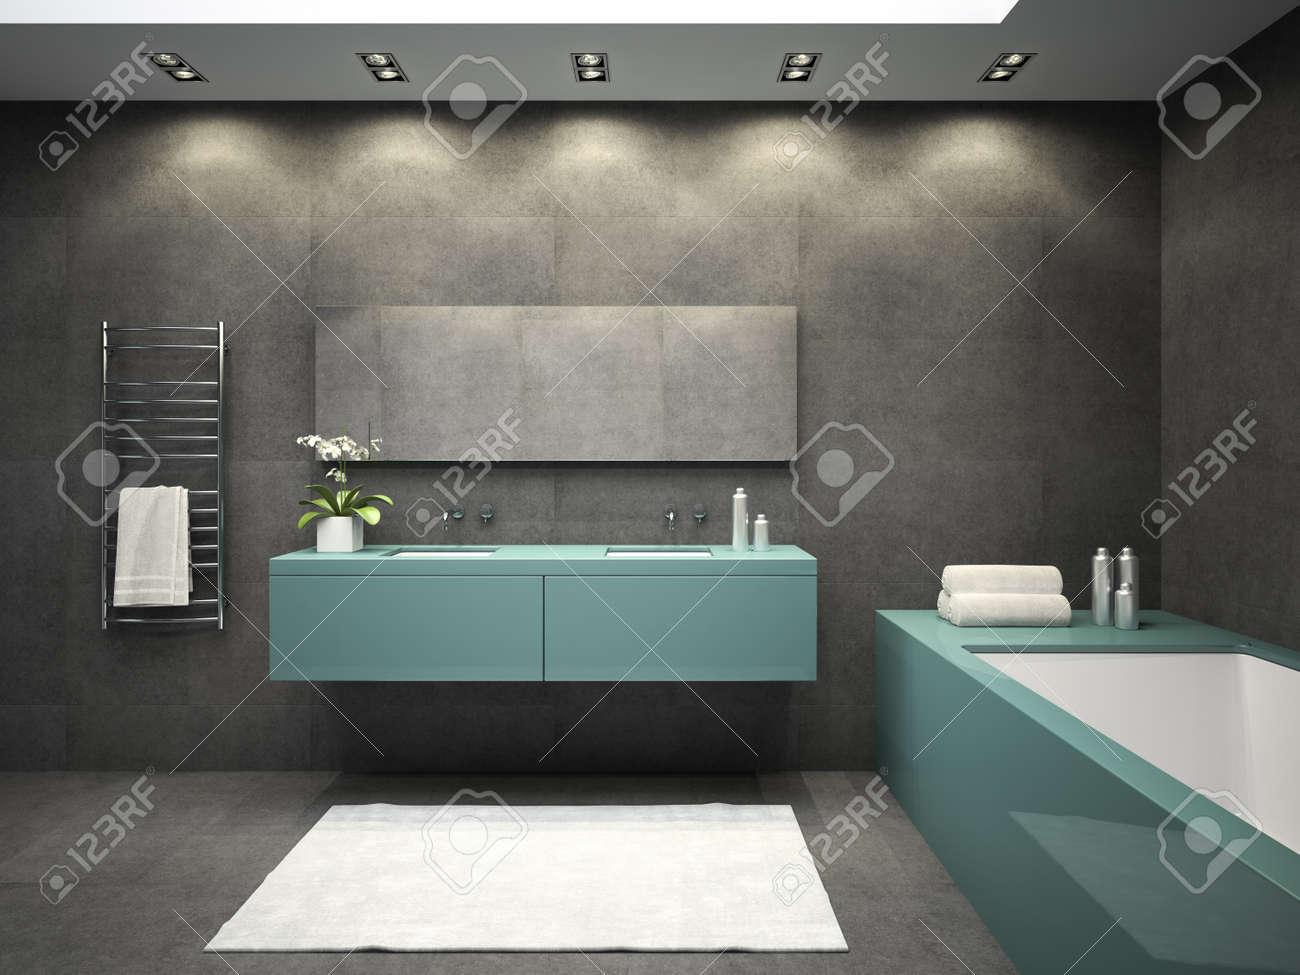 inter der badezimmer mit decke fenster 3d-rendering lizenzfreie, Badezimmer ideen